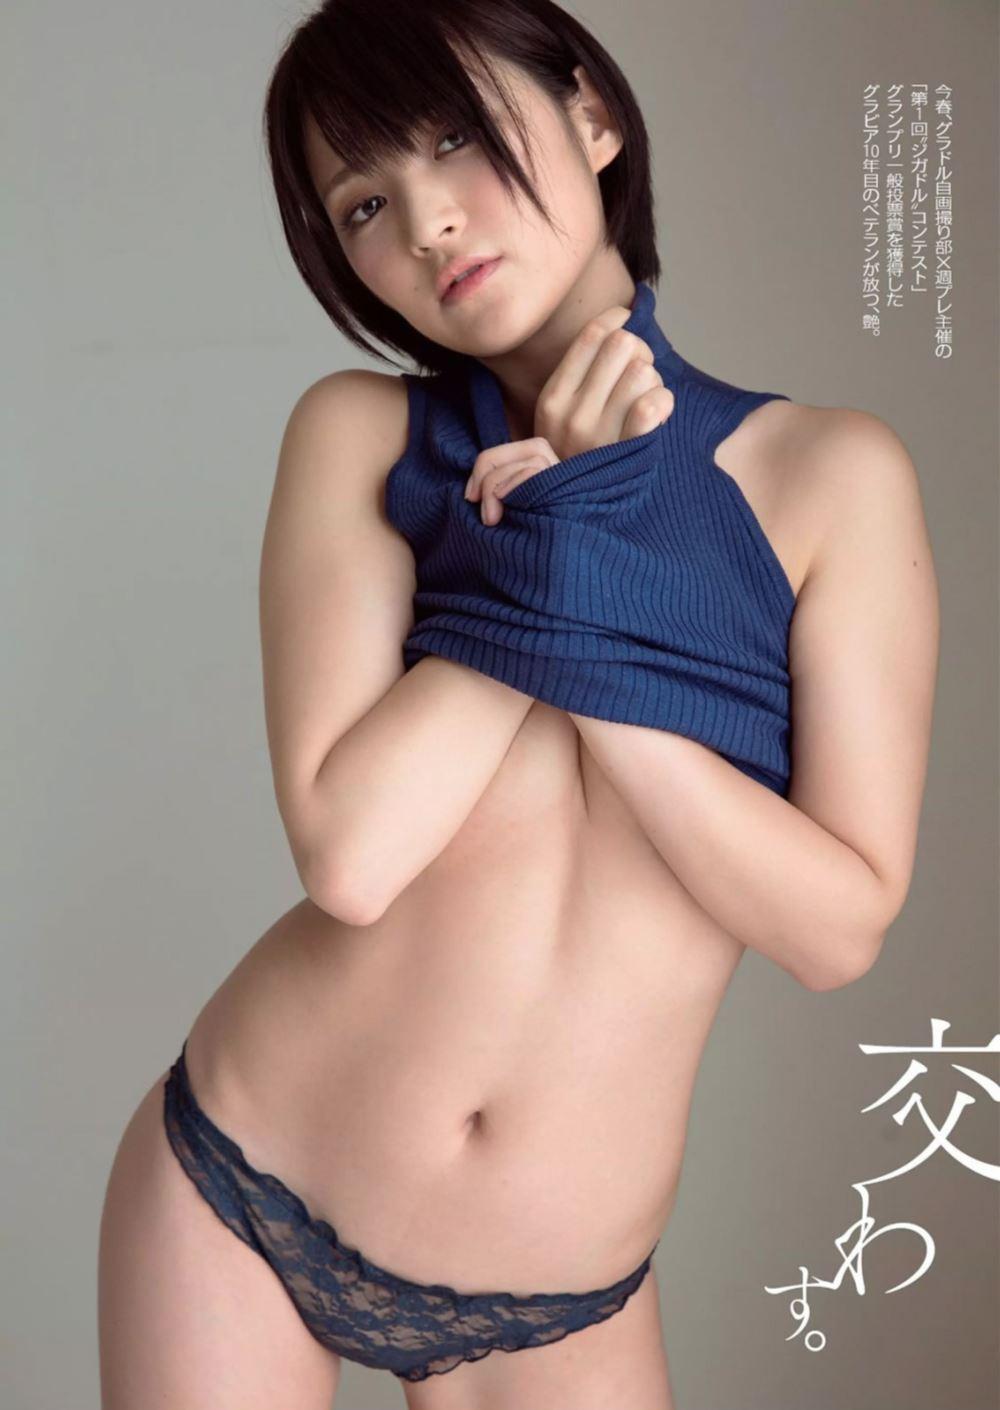 競泳水着 ビキニ姿 かわいい 鈴木咲 エロ画像 78